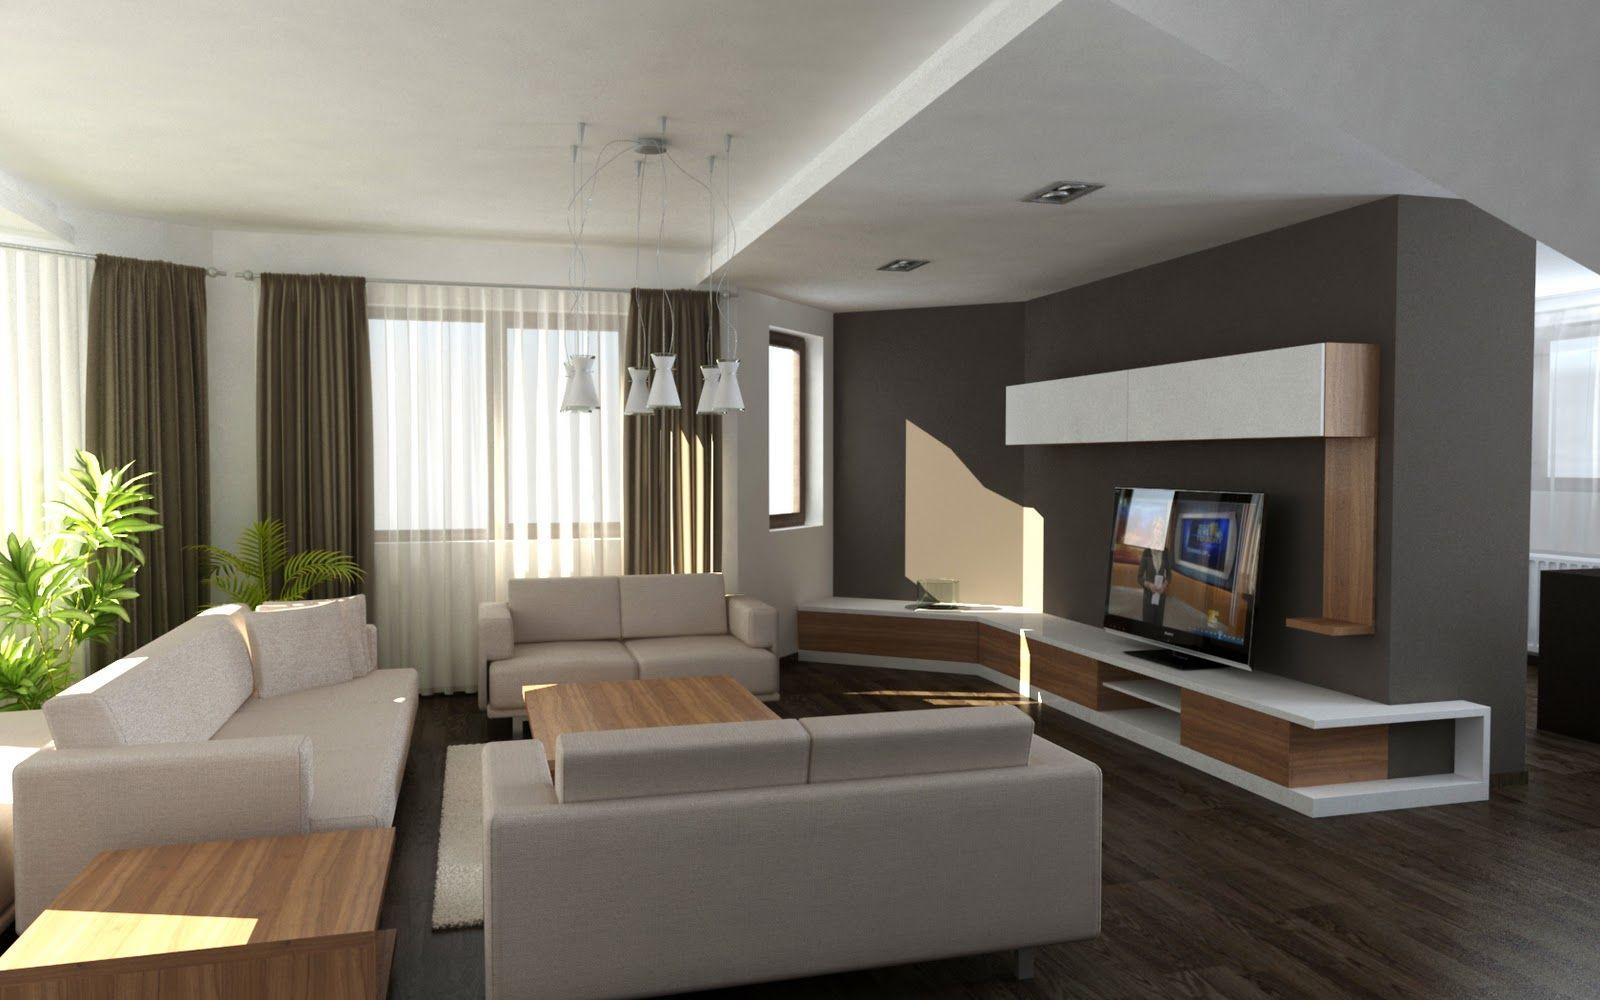 Interior de casas modernas com tecnologia buscar con for Interiores de casas modernas